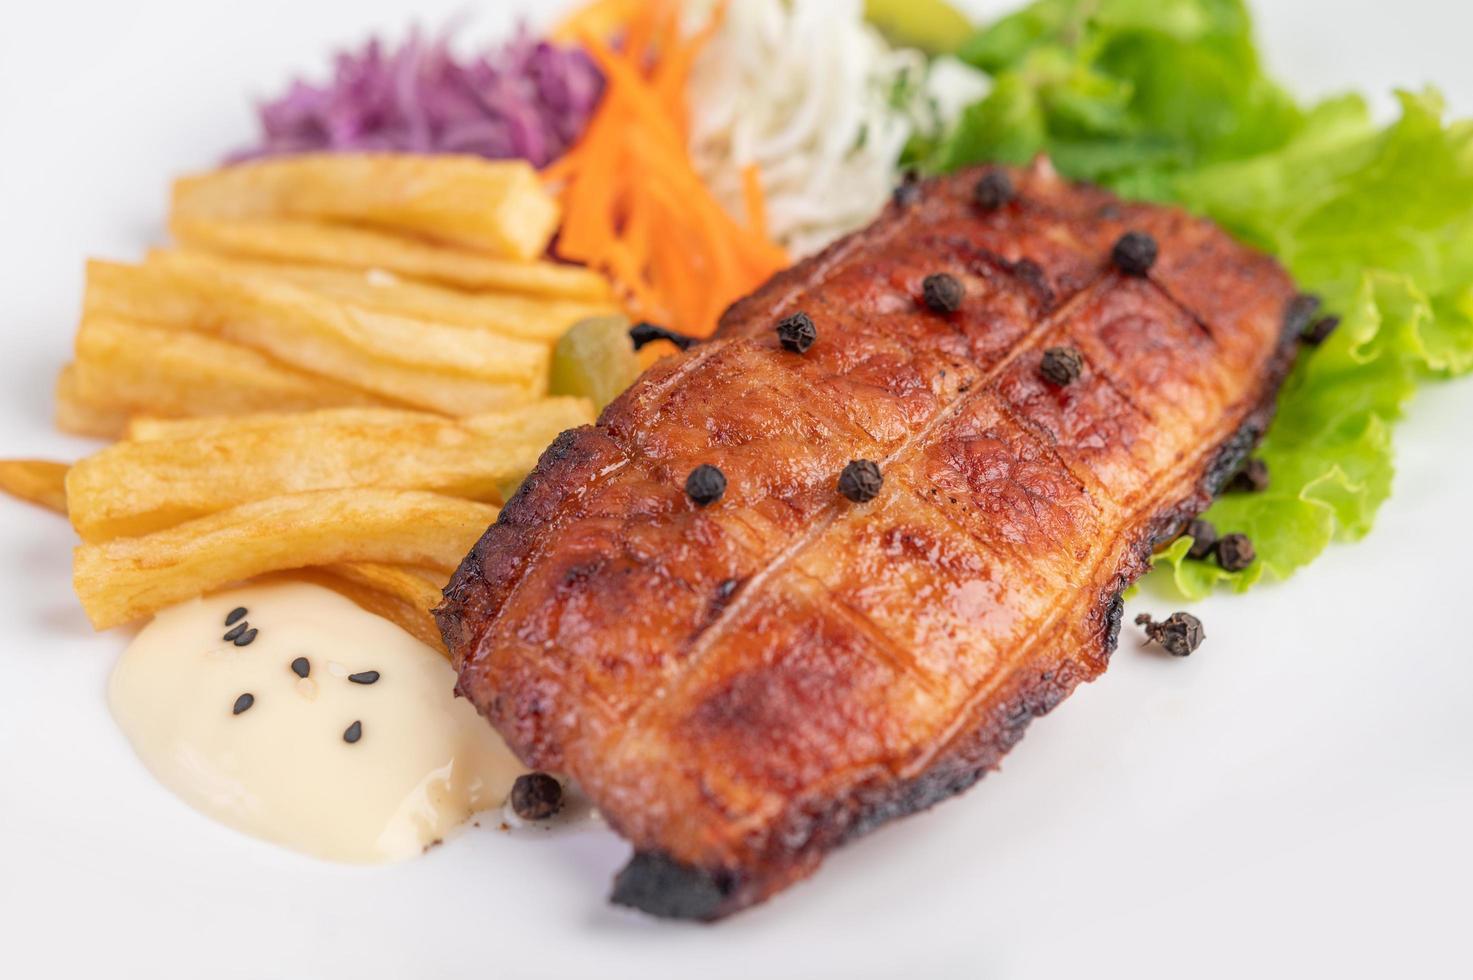 vis met frietjes en salade foto